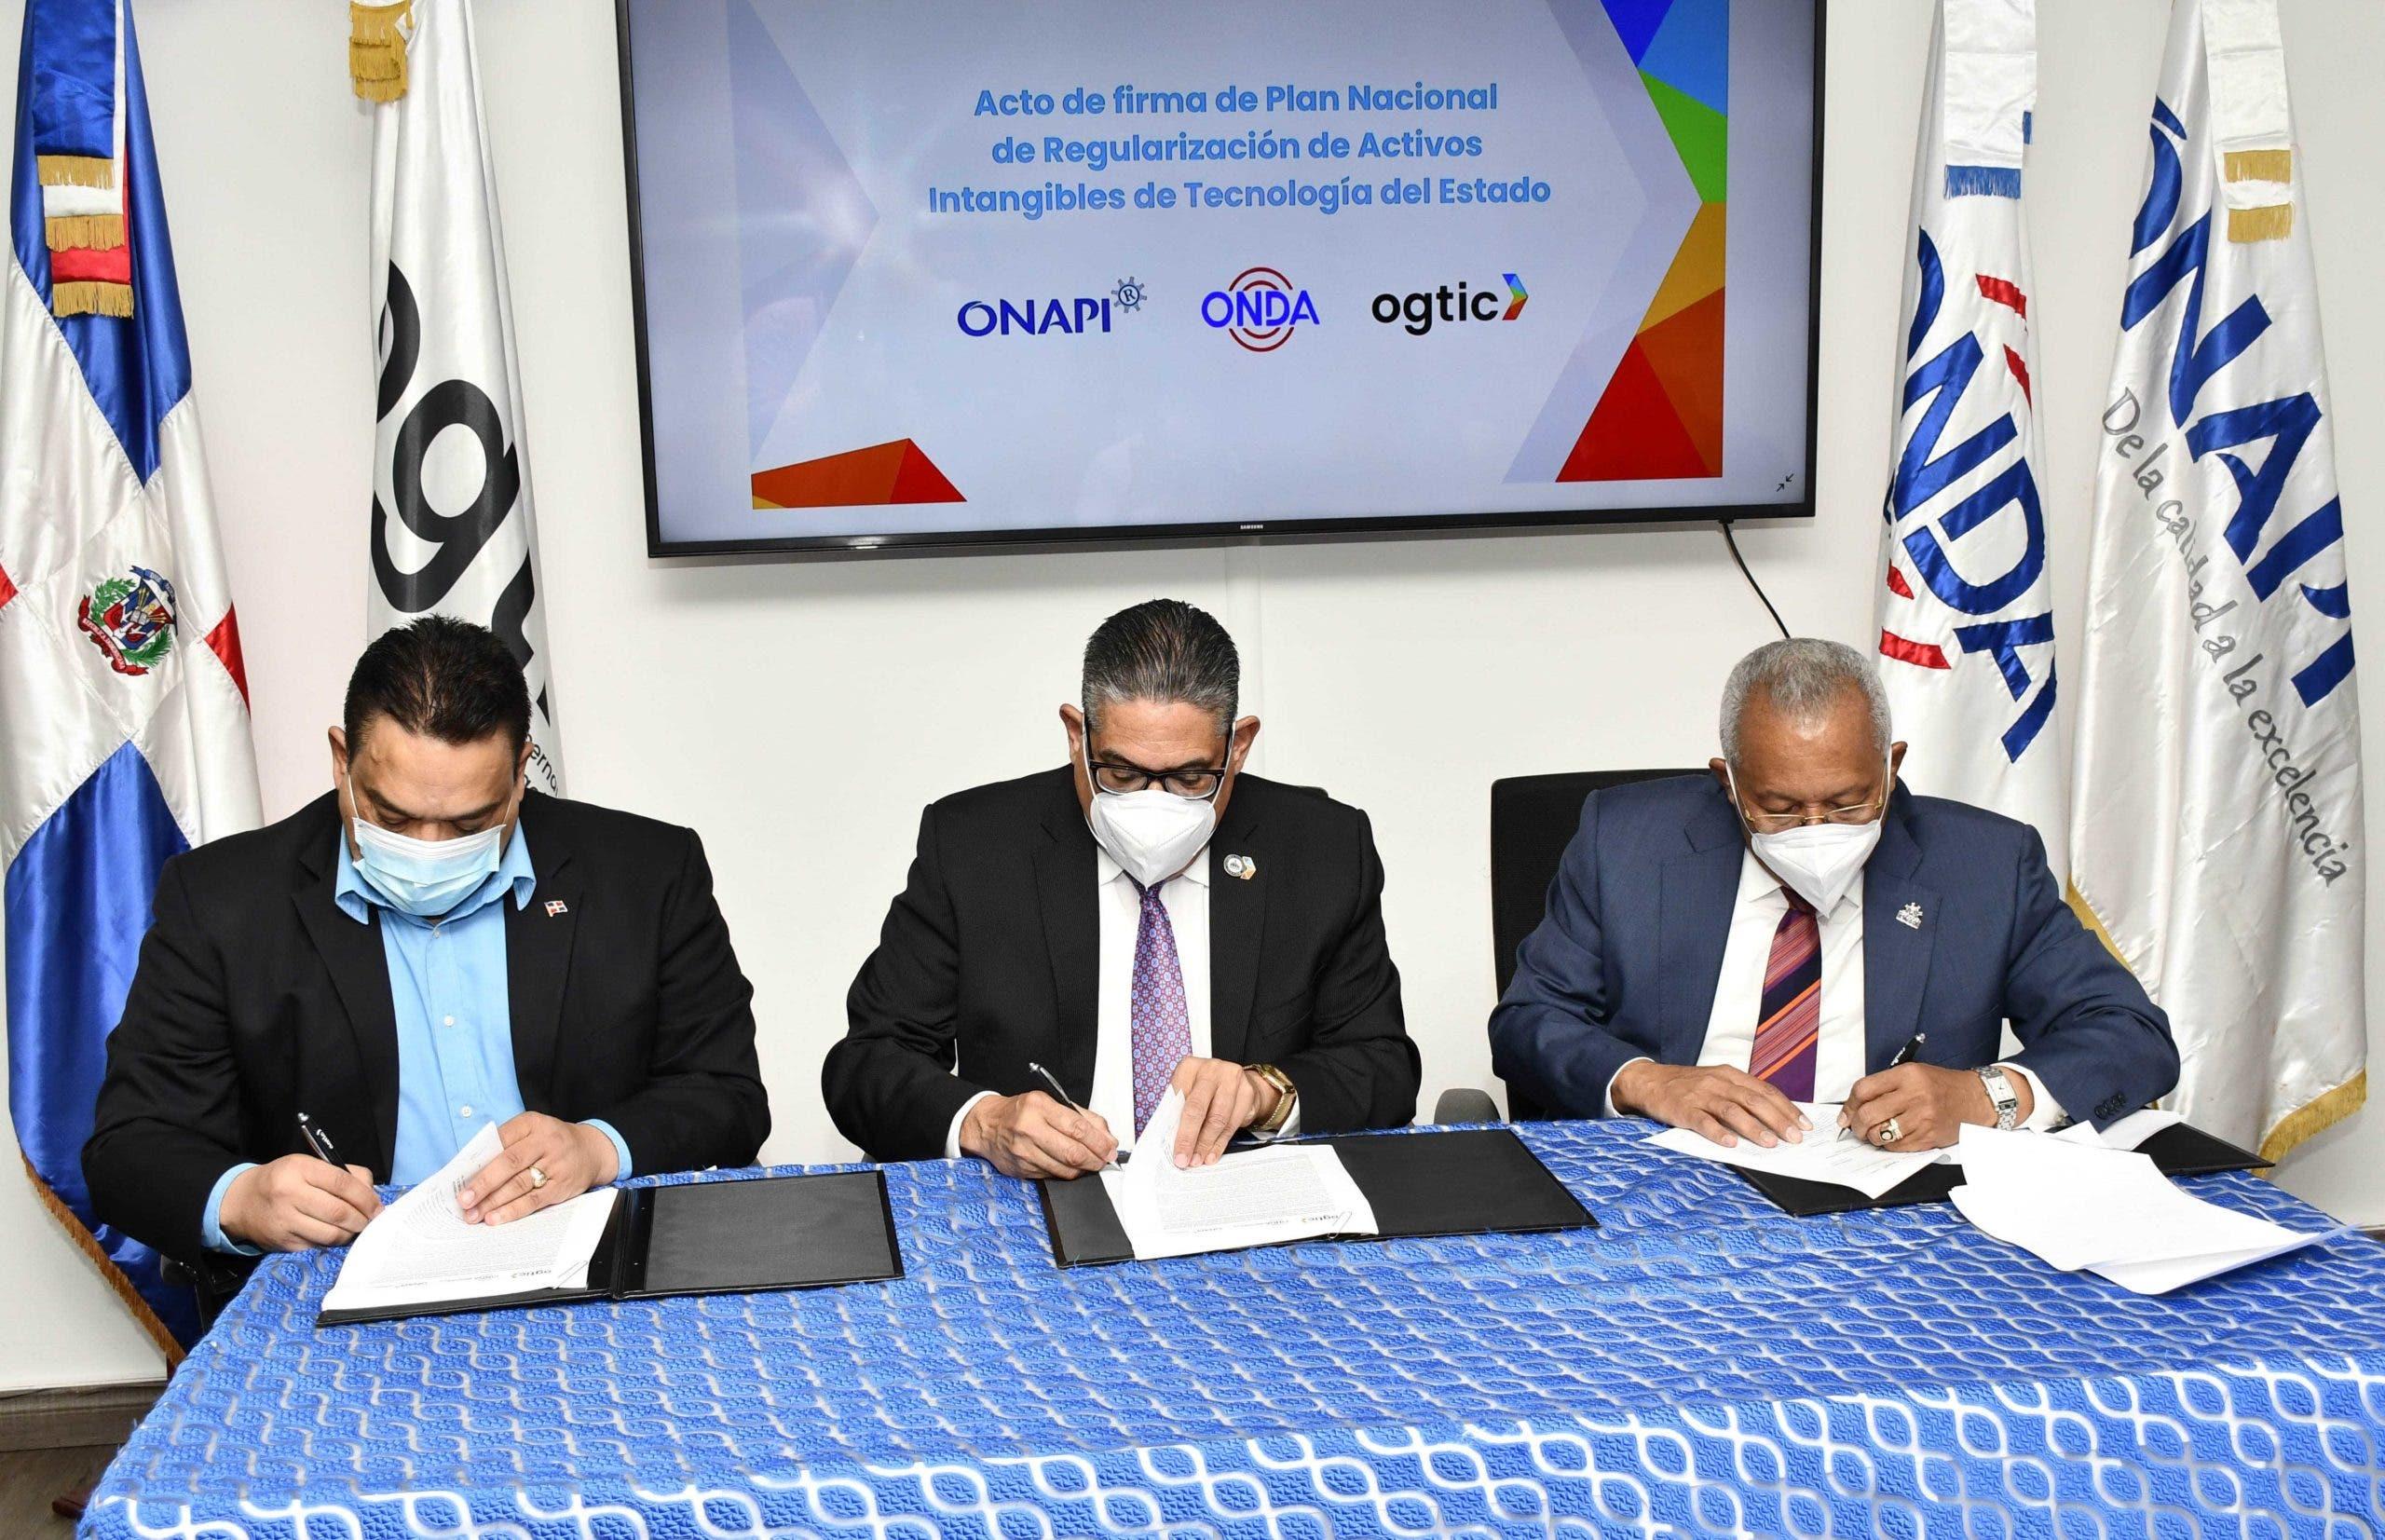 OGTIC, ONDA y ONAPI acuerdan regularizar activos intangibles tecnológicos del Estado